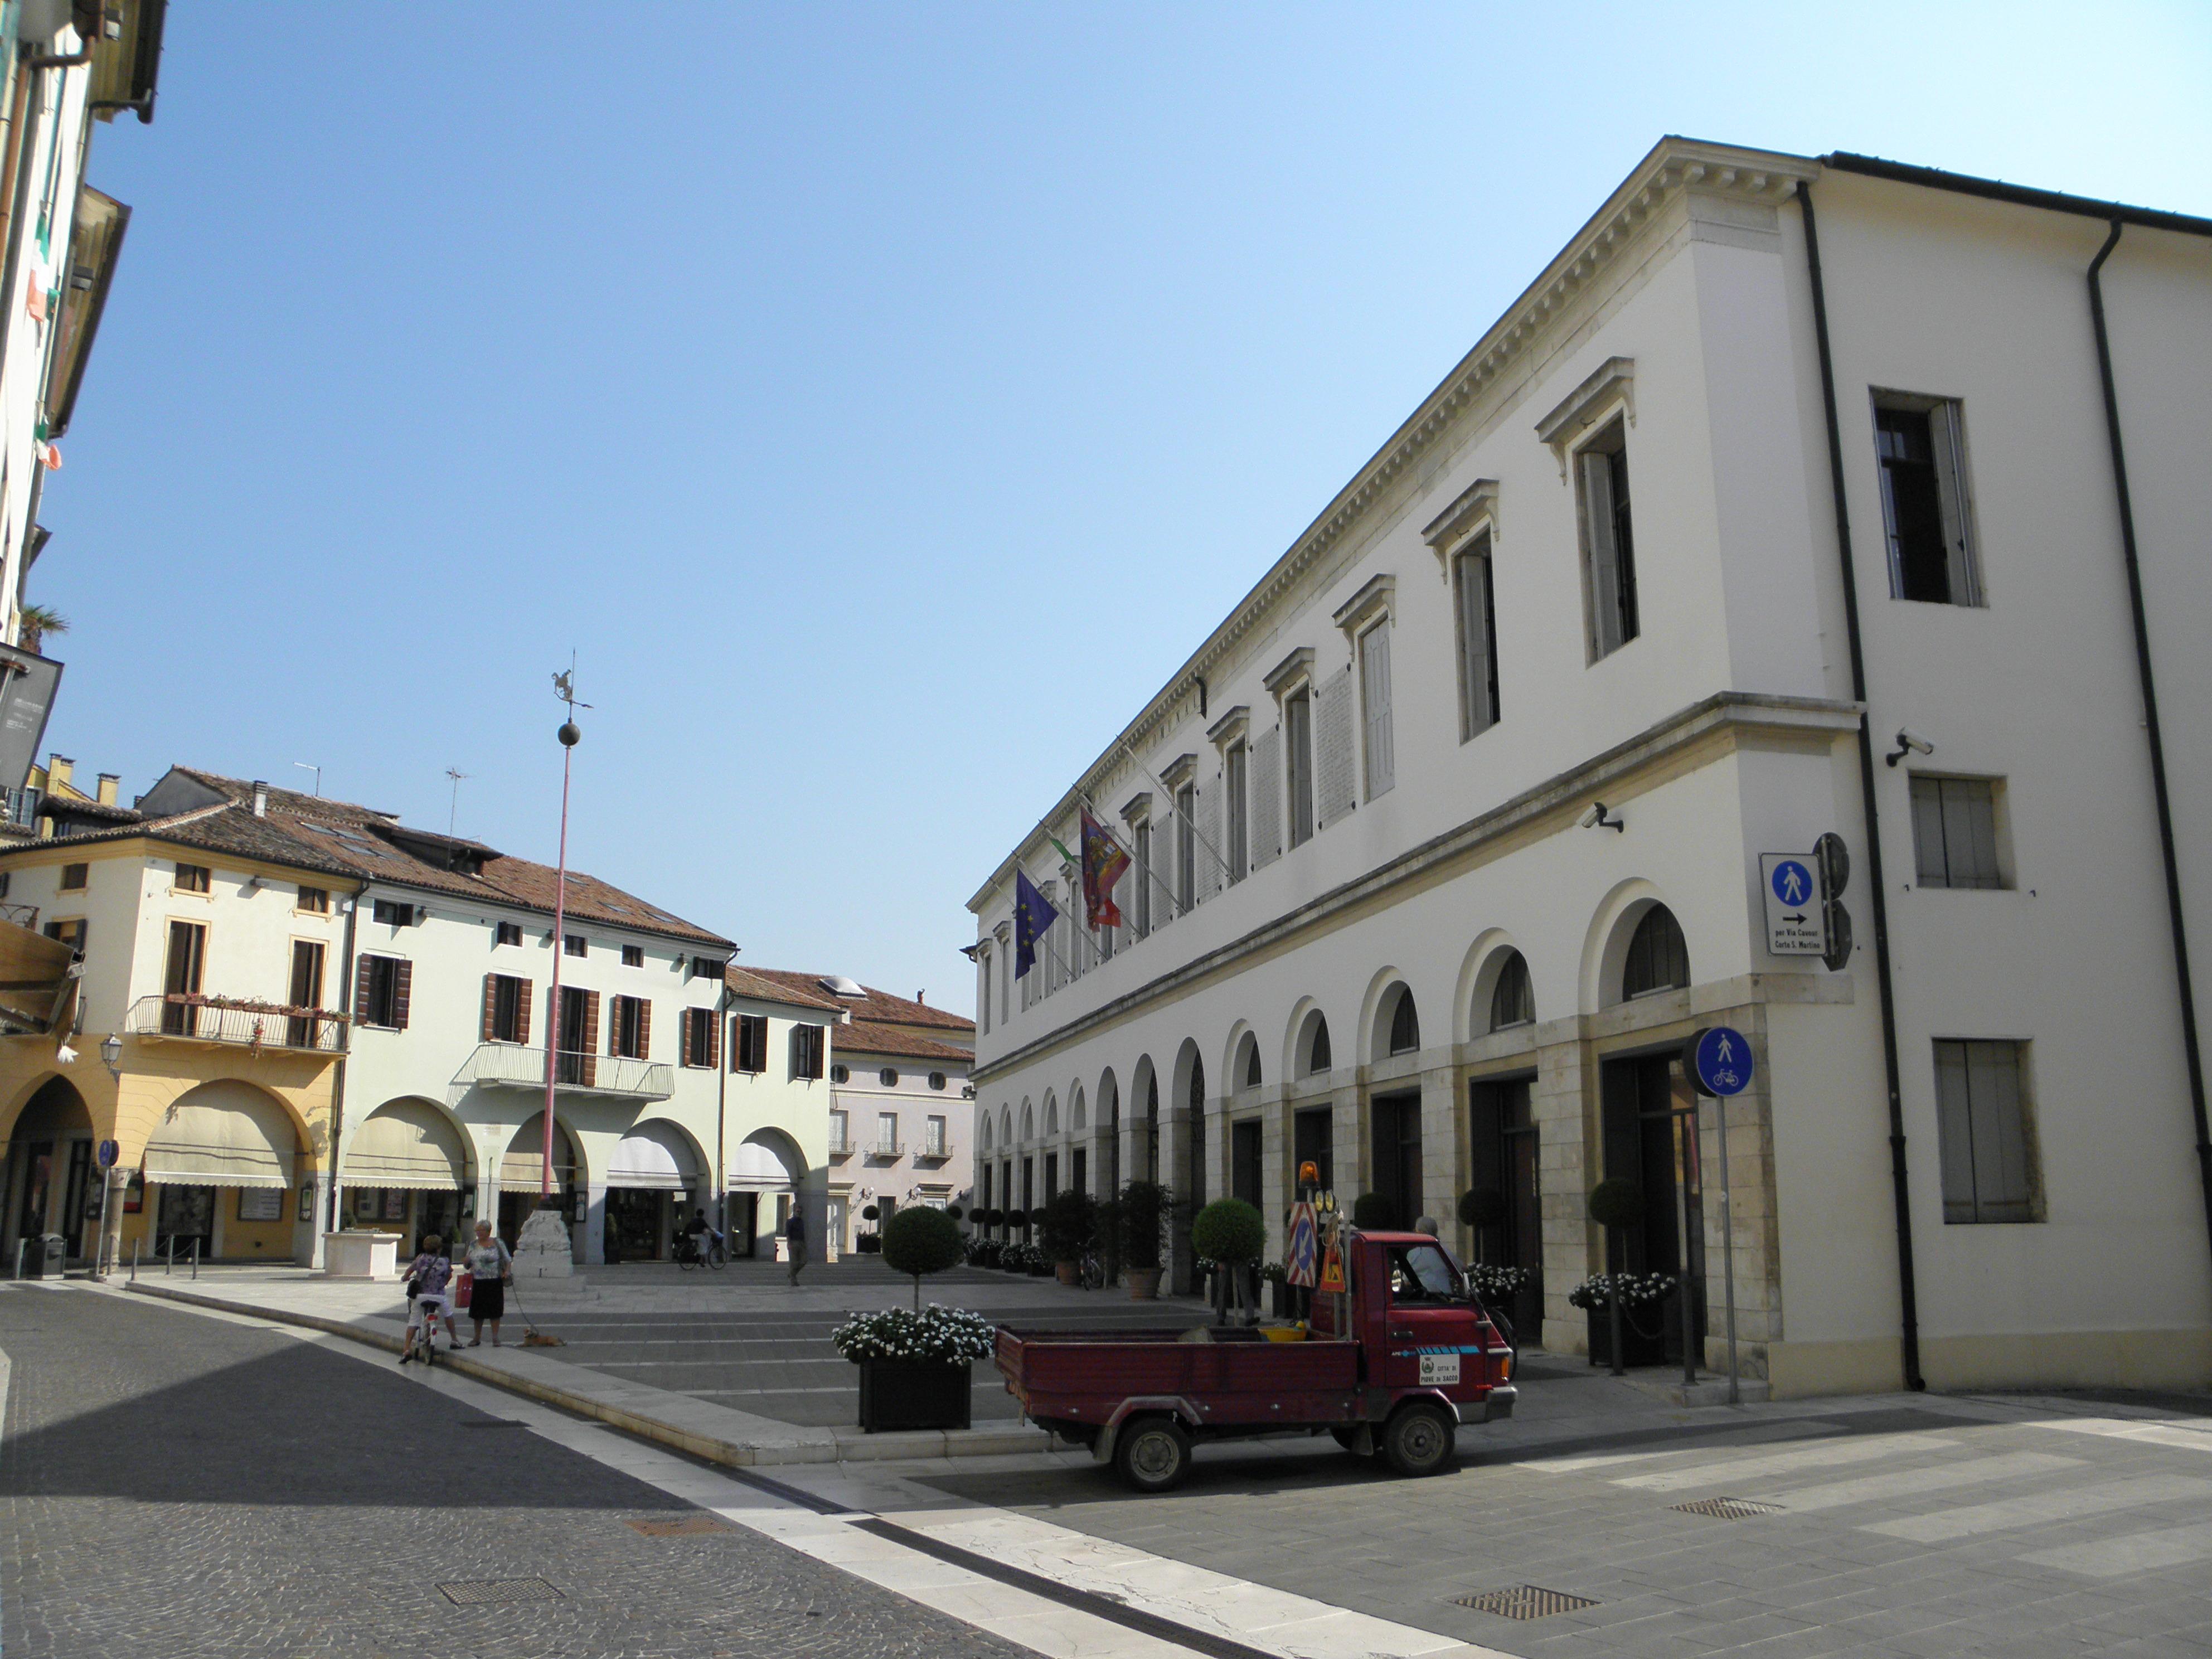 Bestand piazza matteotti palazzo jappelli piove di sacco - Mercatino piove di sacco ...